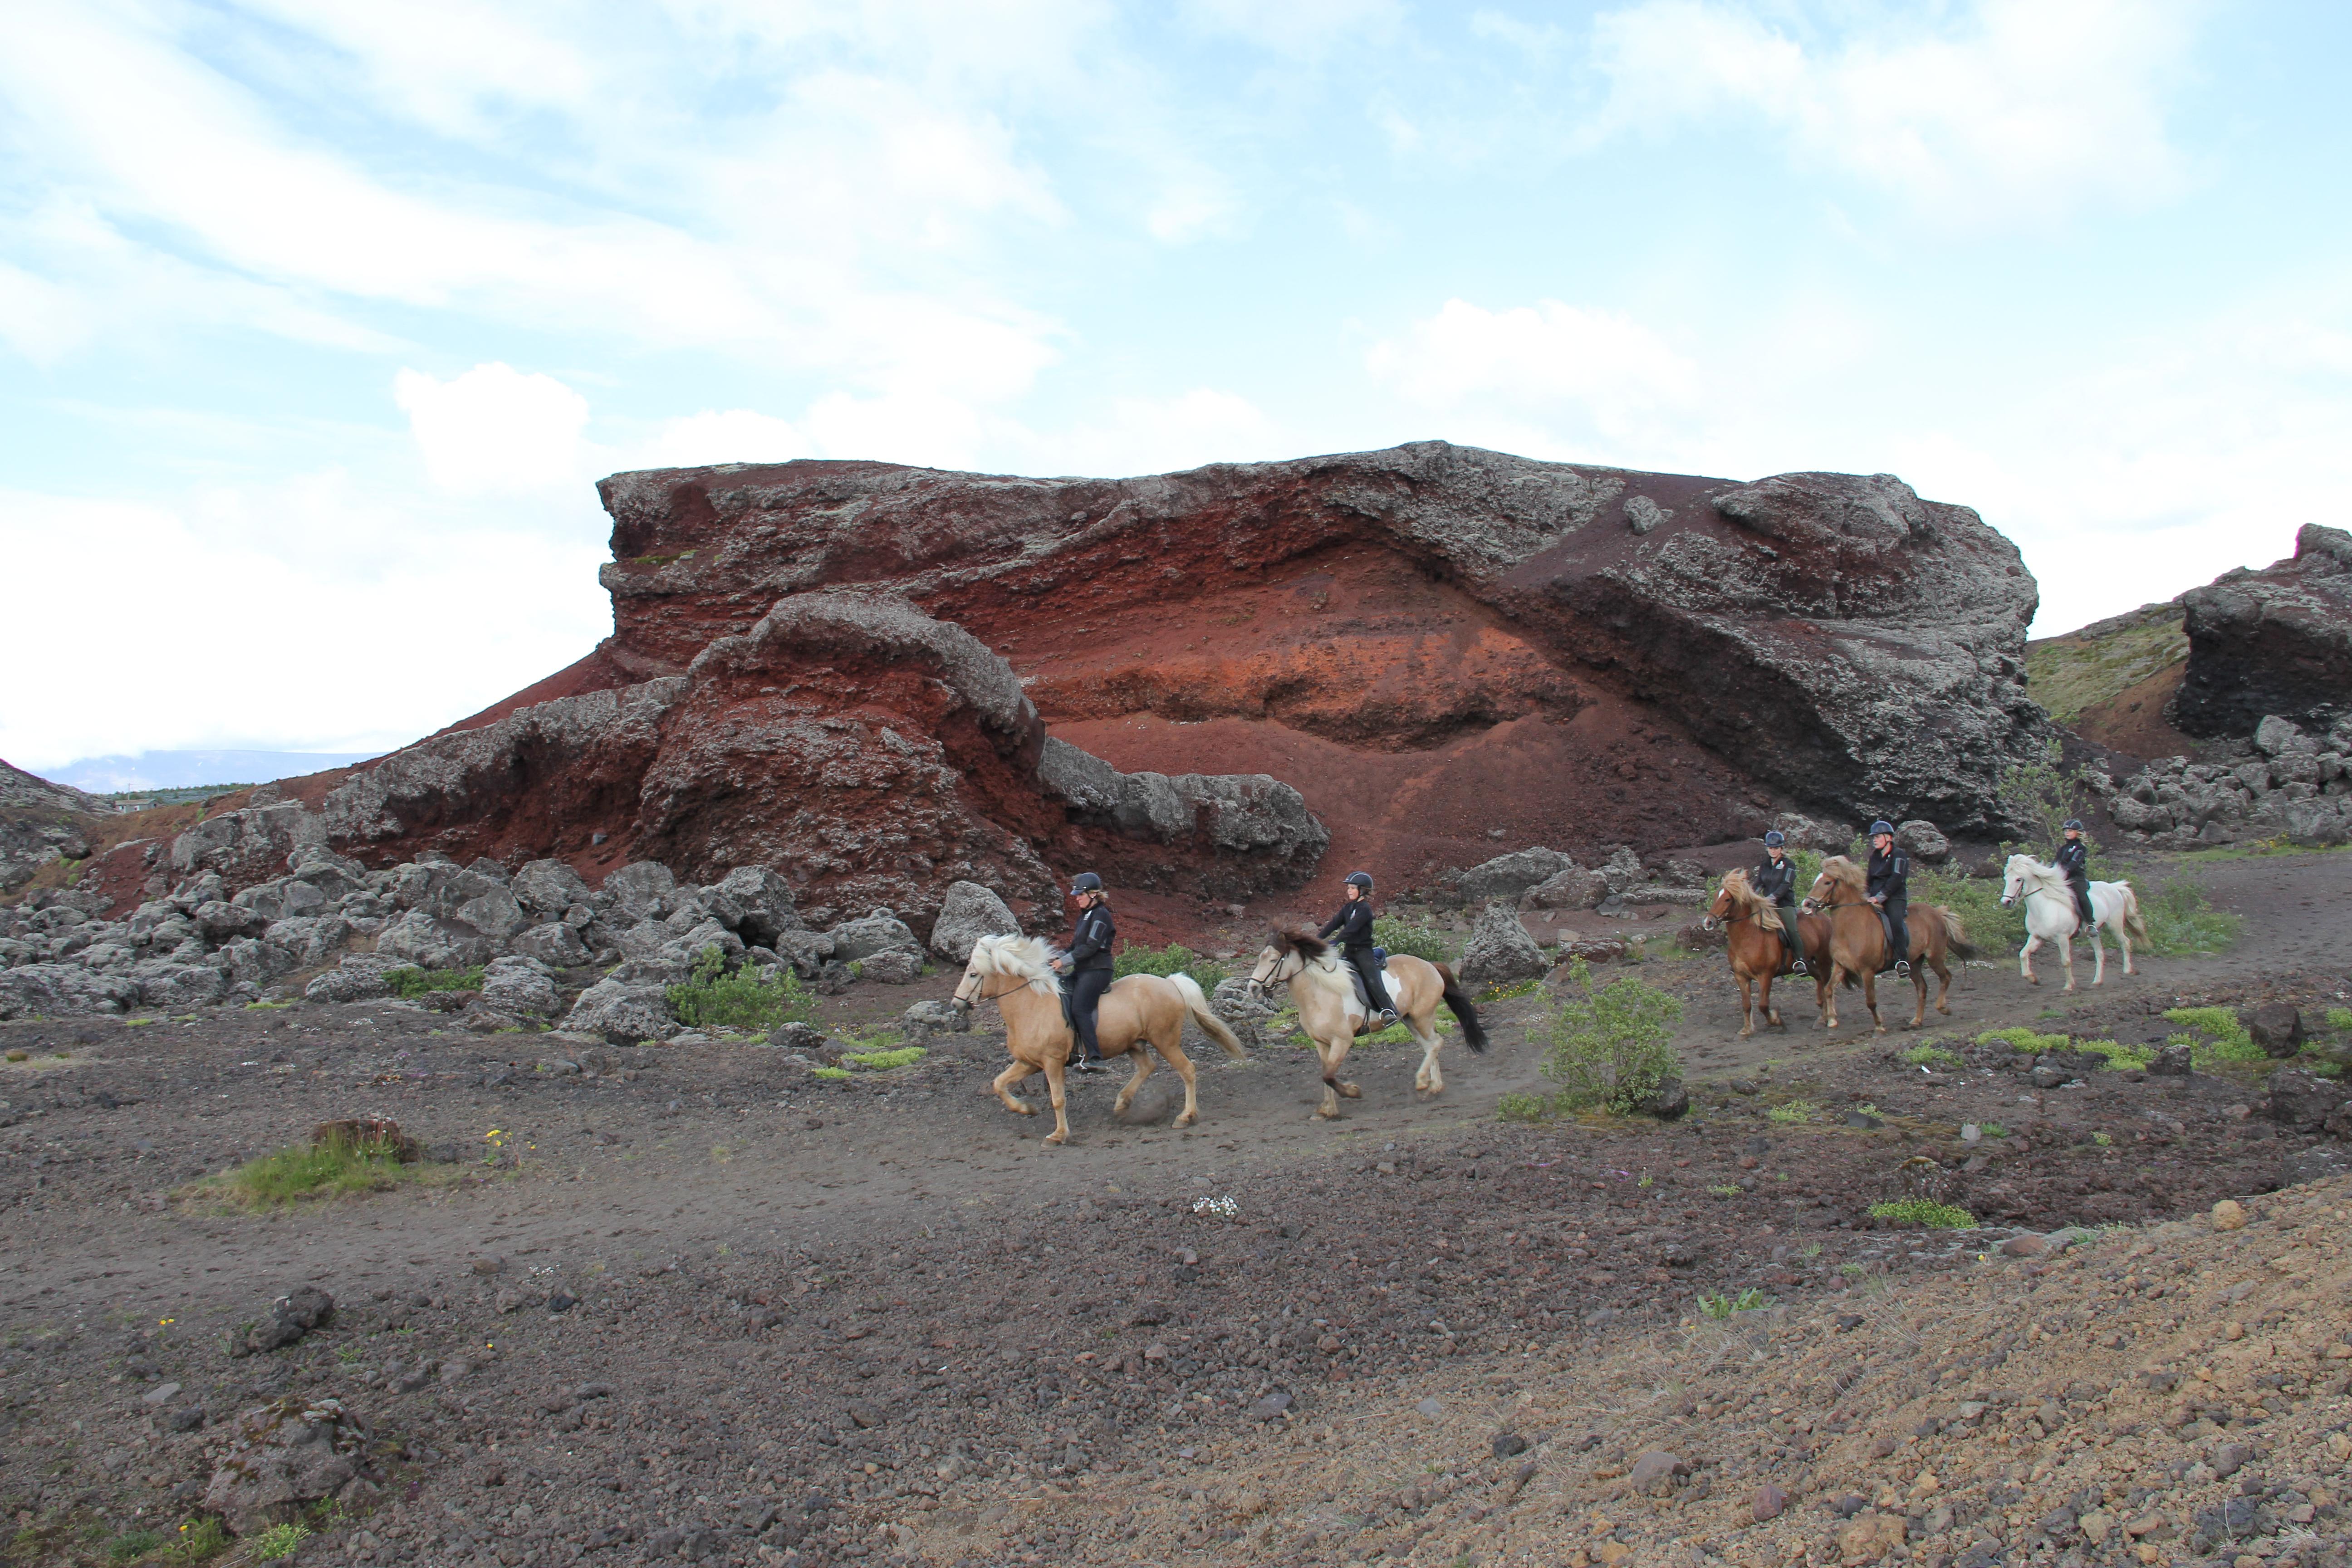 Relaksująca 2,5-godzinna wycieczka konna po islandzkim wulkanicznym krajobrazie z transferem z Reykjaviku